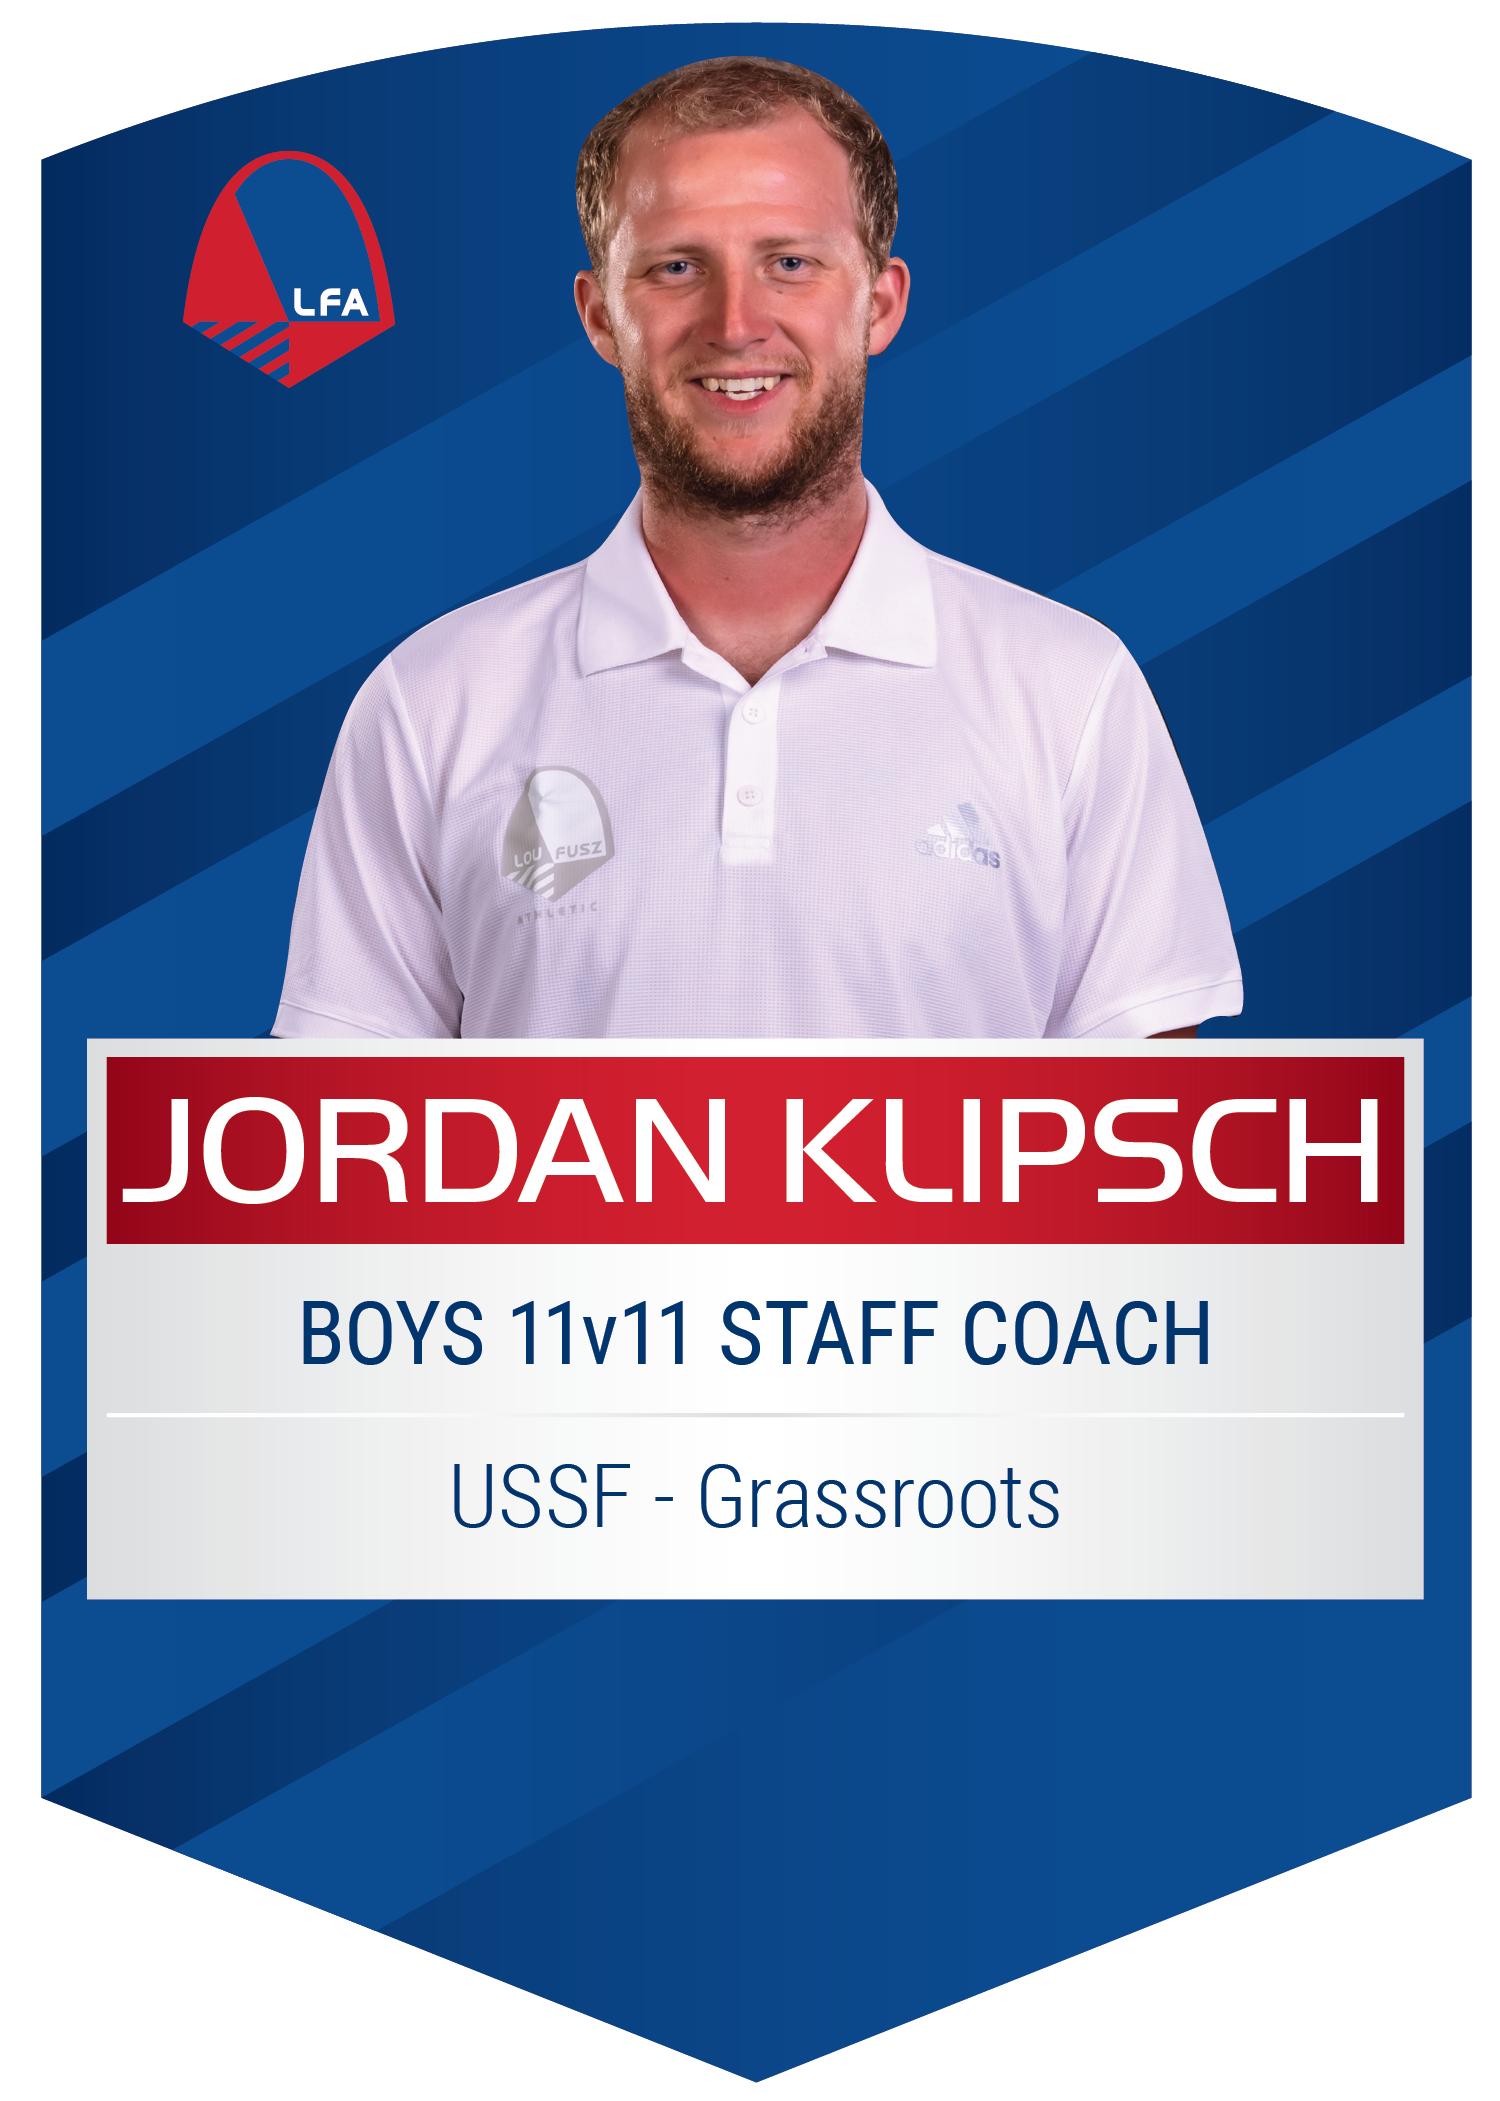 Jordan Klipsch